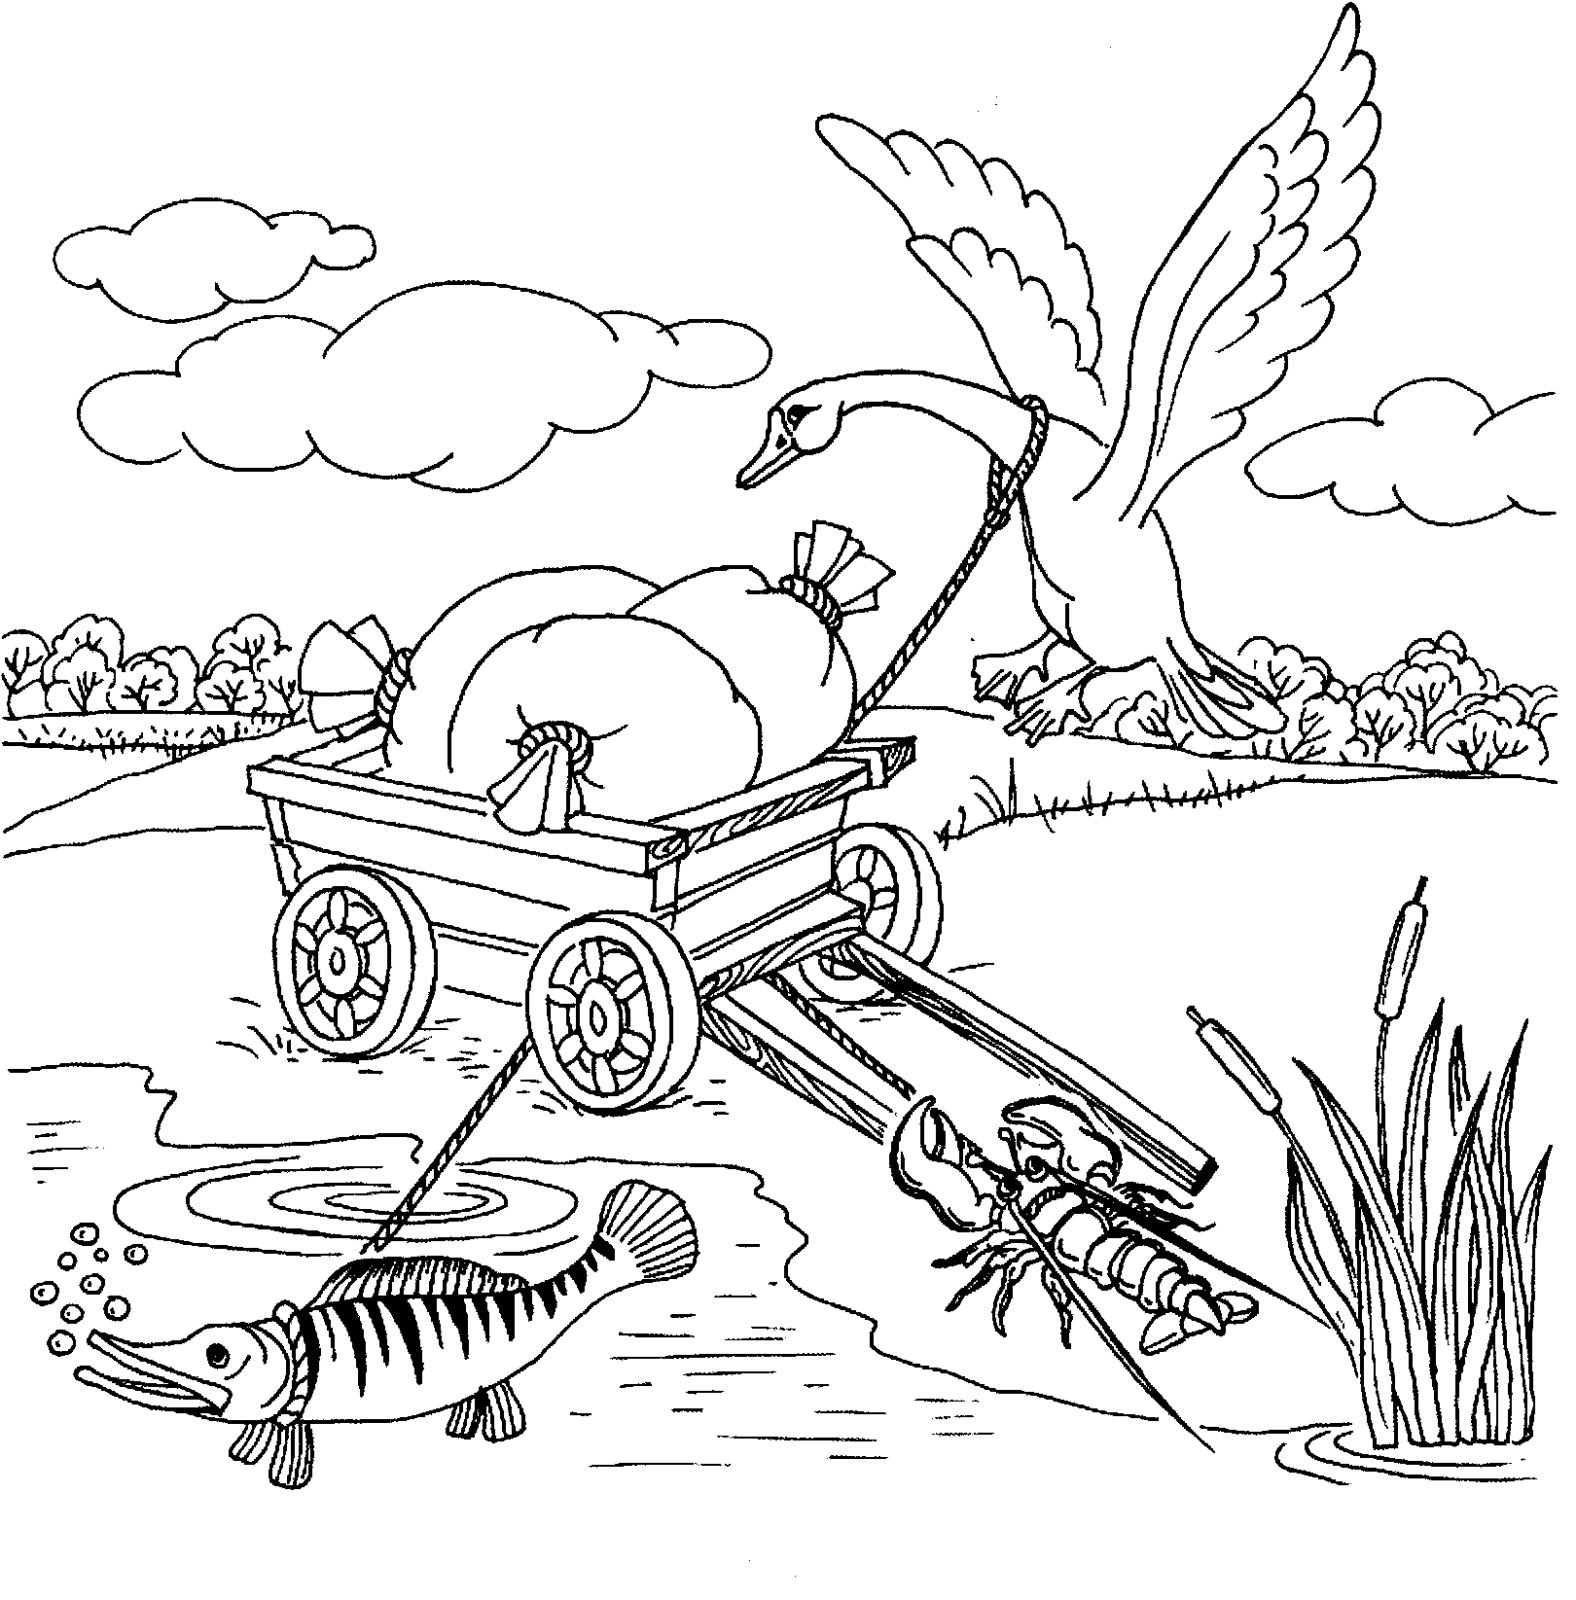 Раскраска Лебедь, Рак и Щука